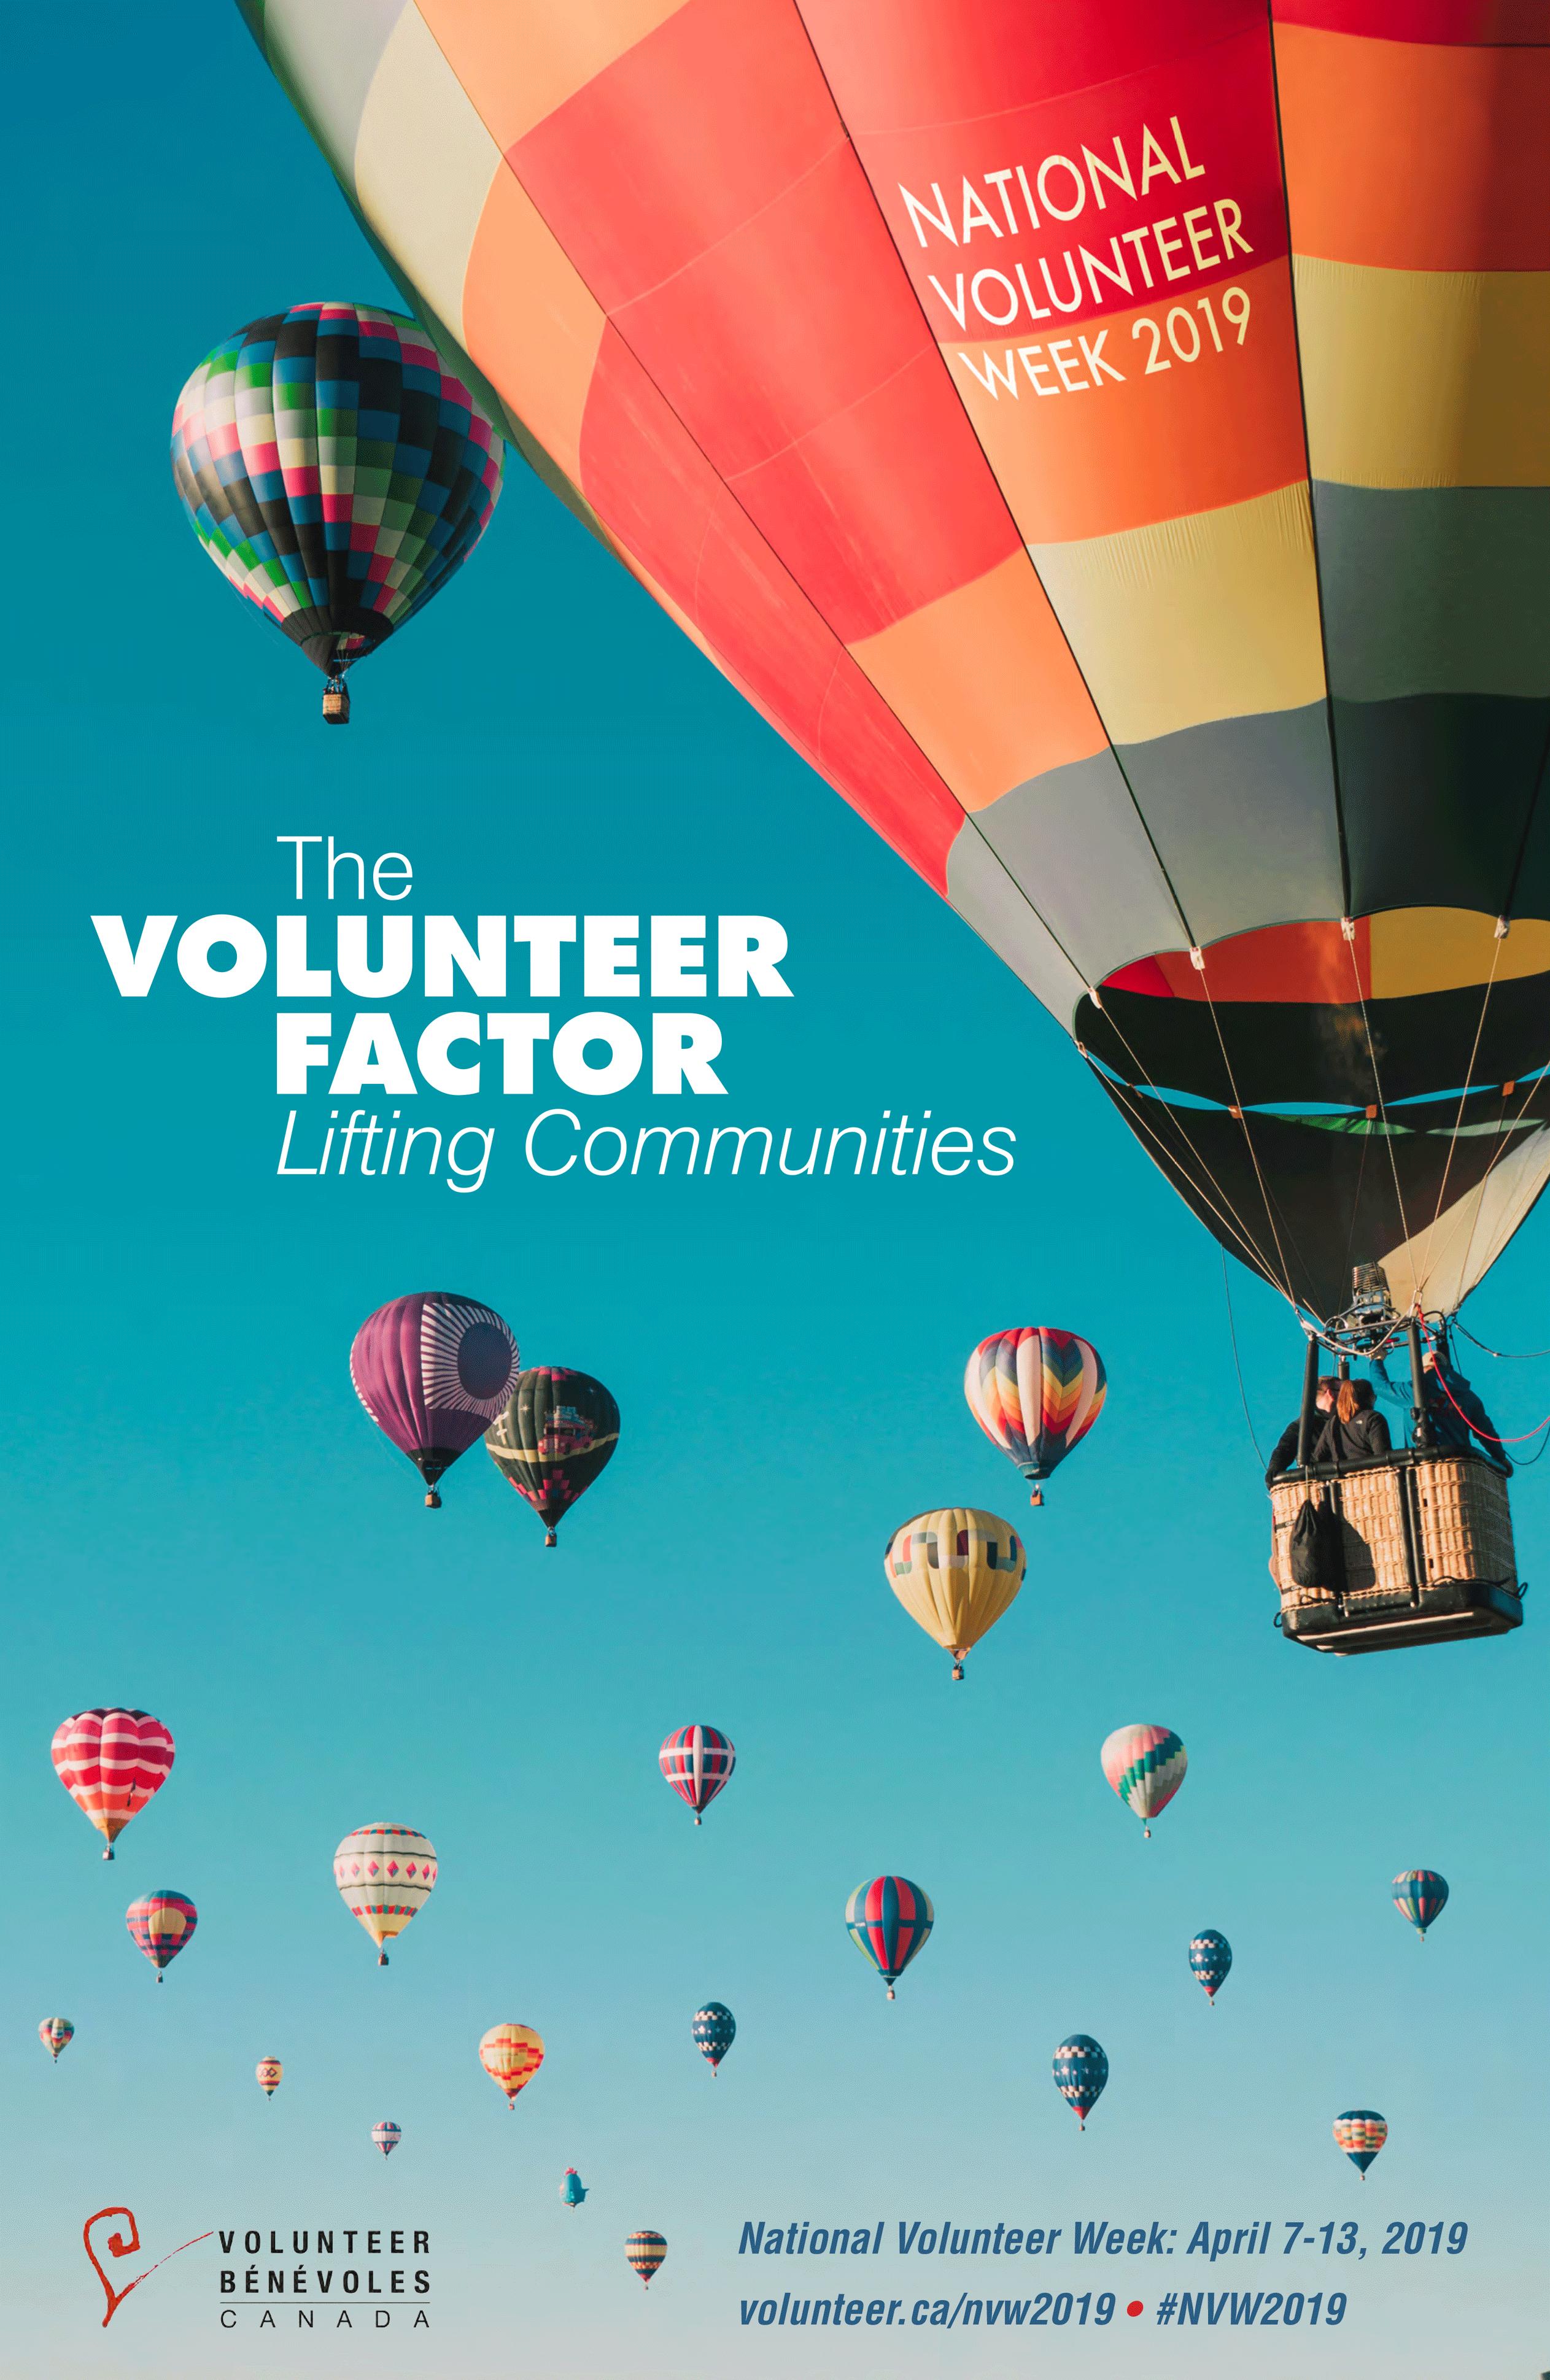 National Volunteer Week 2019 - Volunteer Fraser Valley